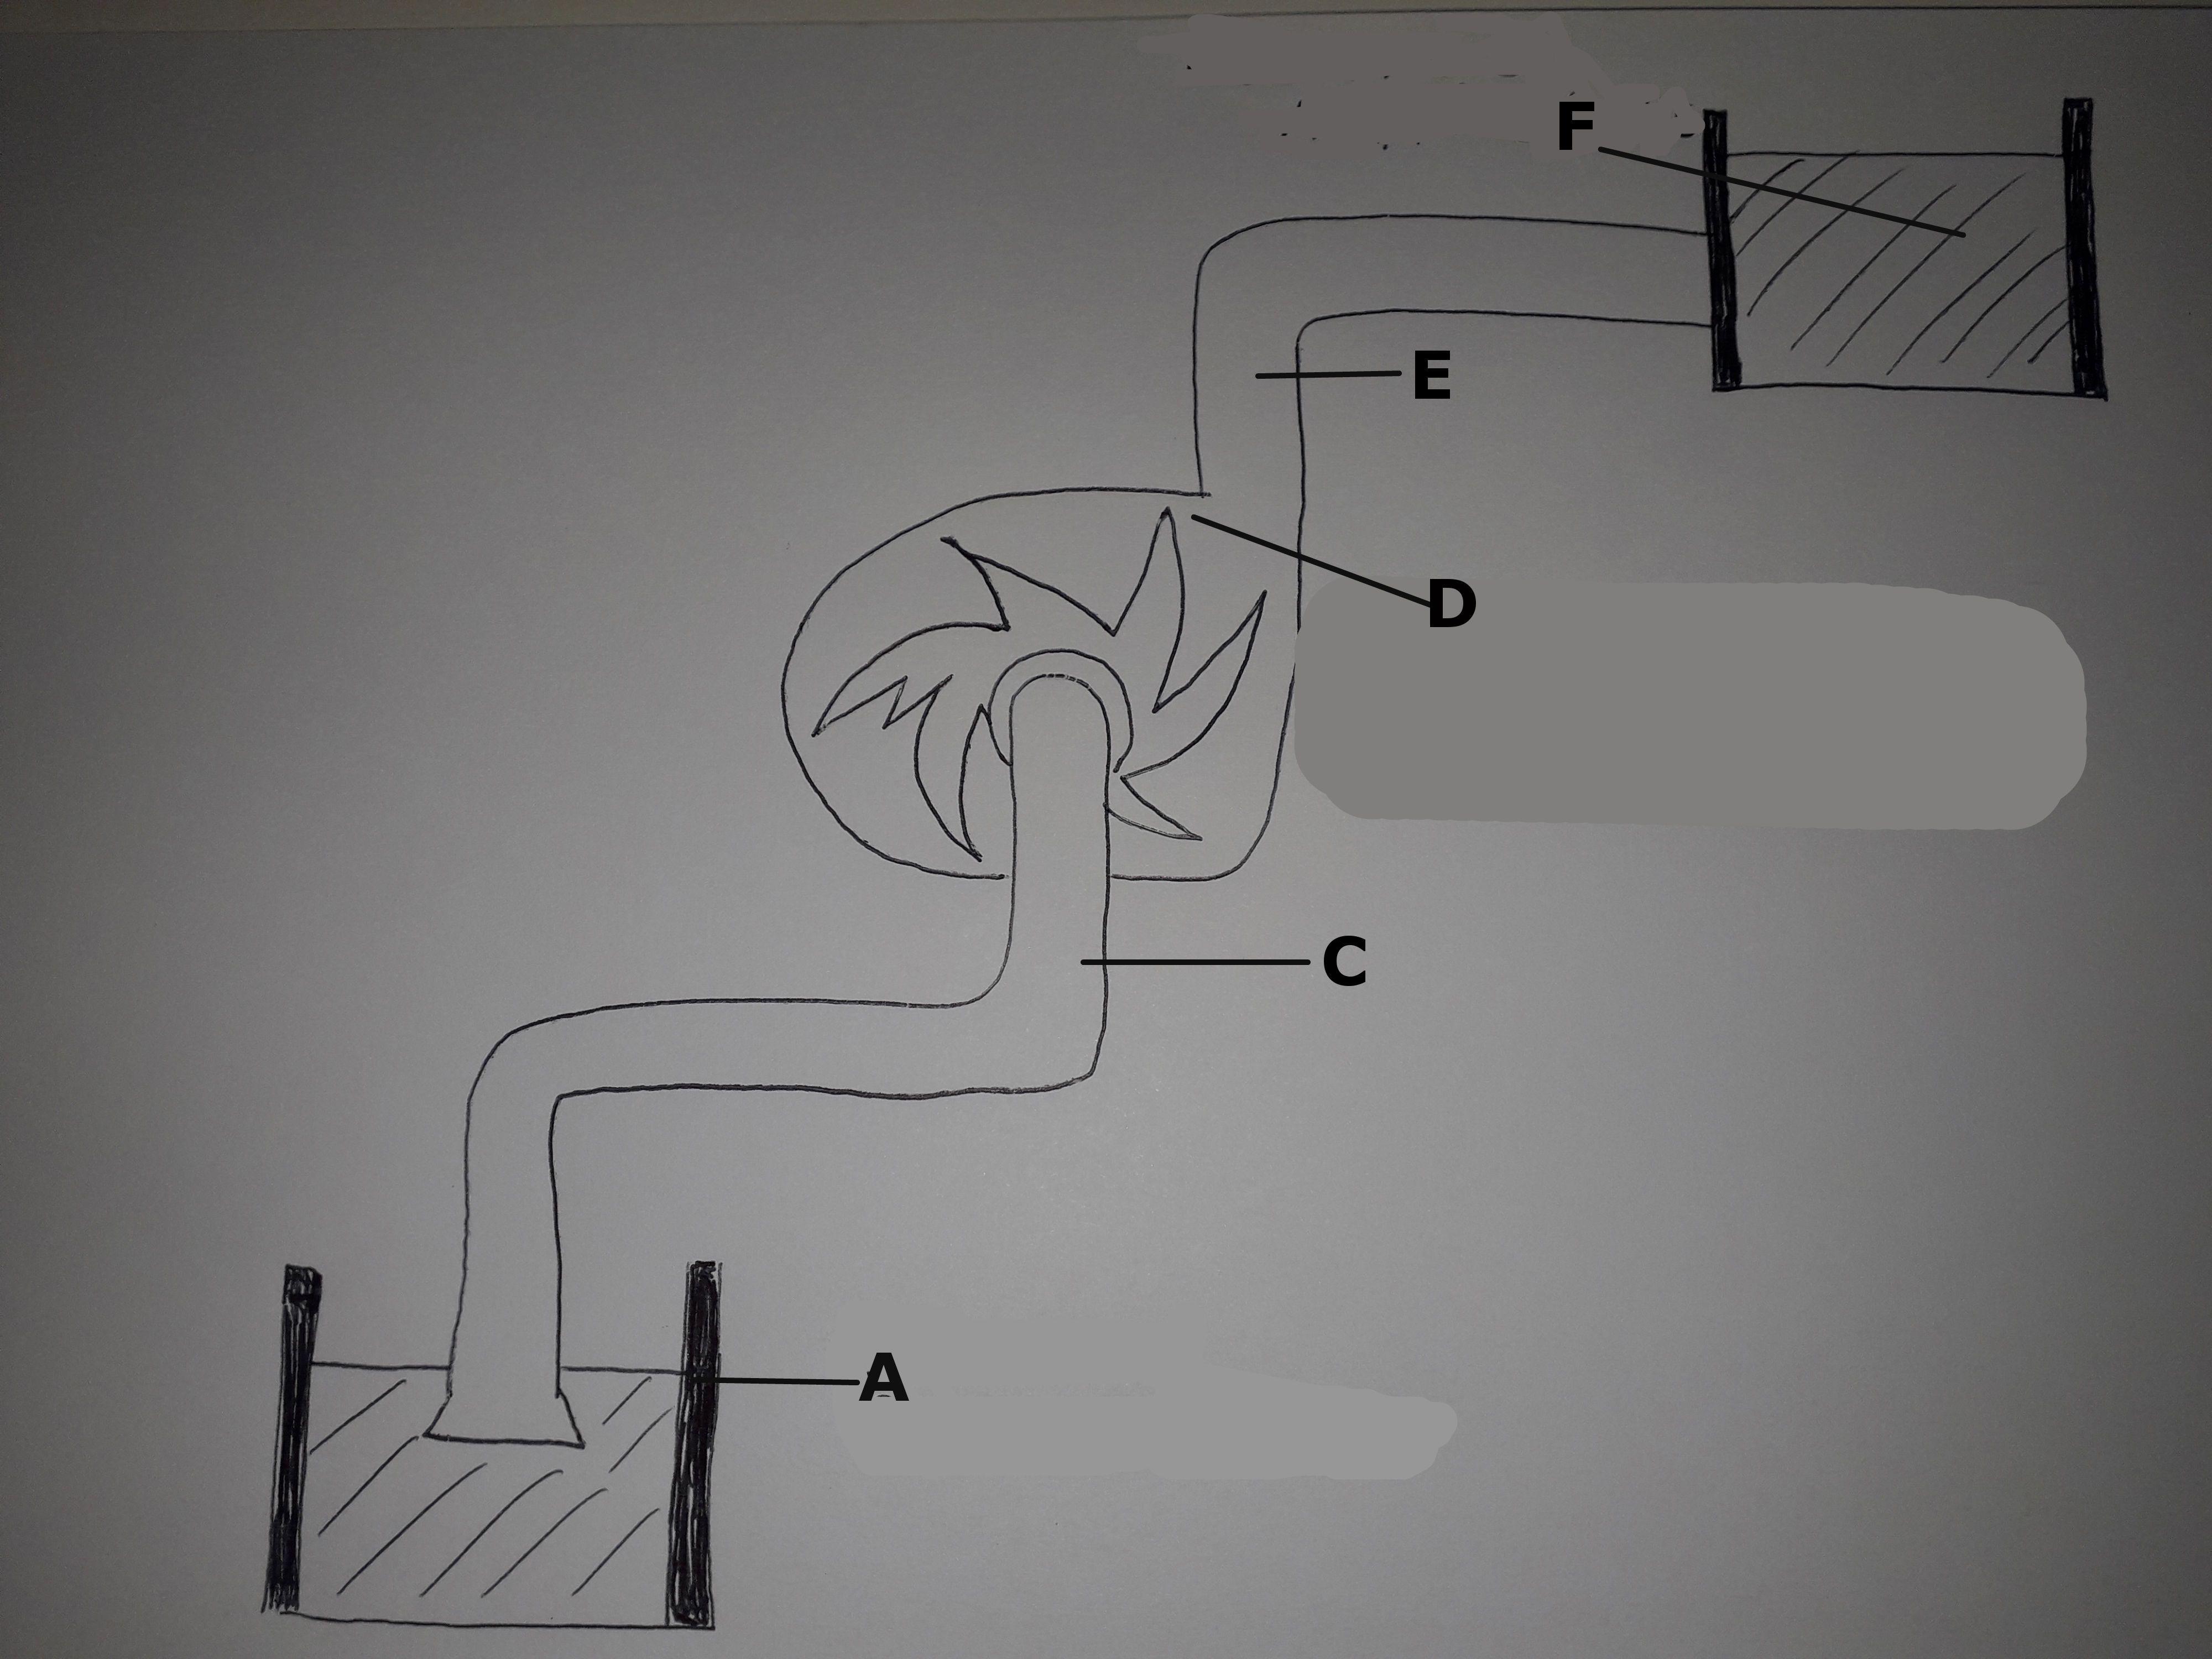 elementi di un impianto con pompa centrifuga